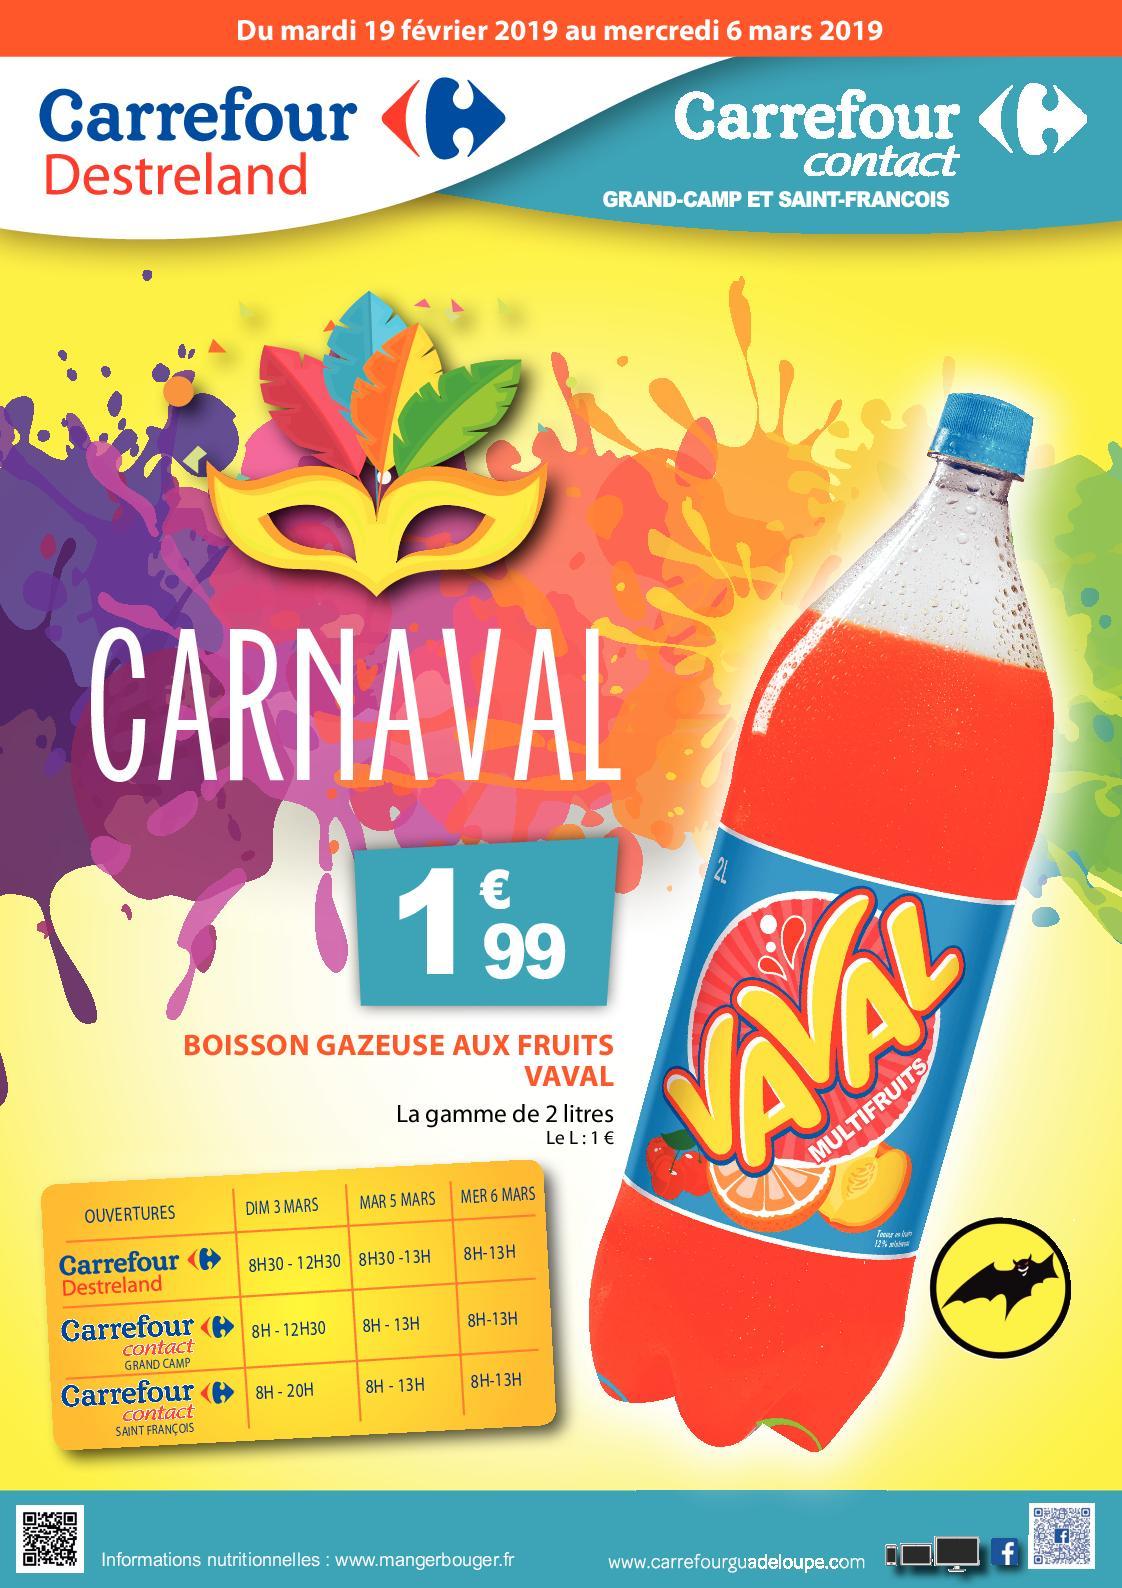 catalogue carrefour destreland carnaval